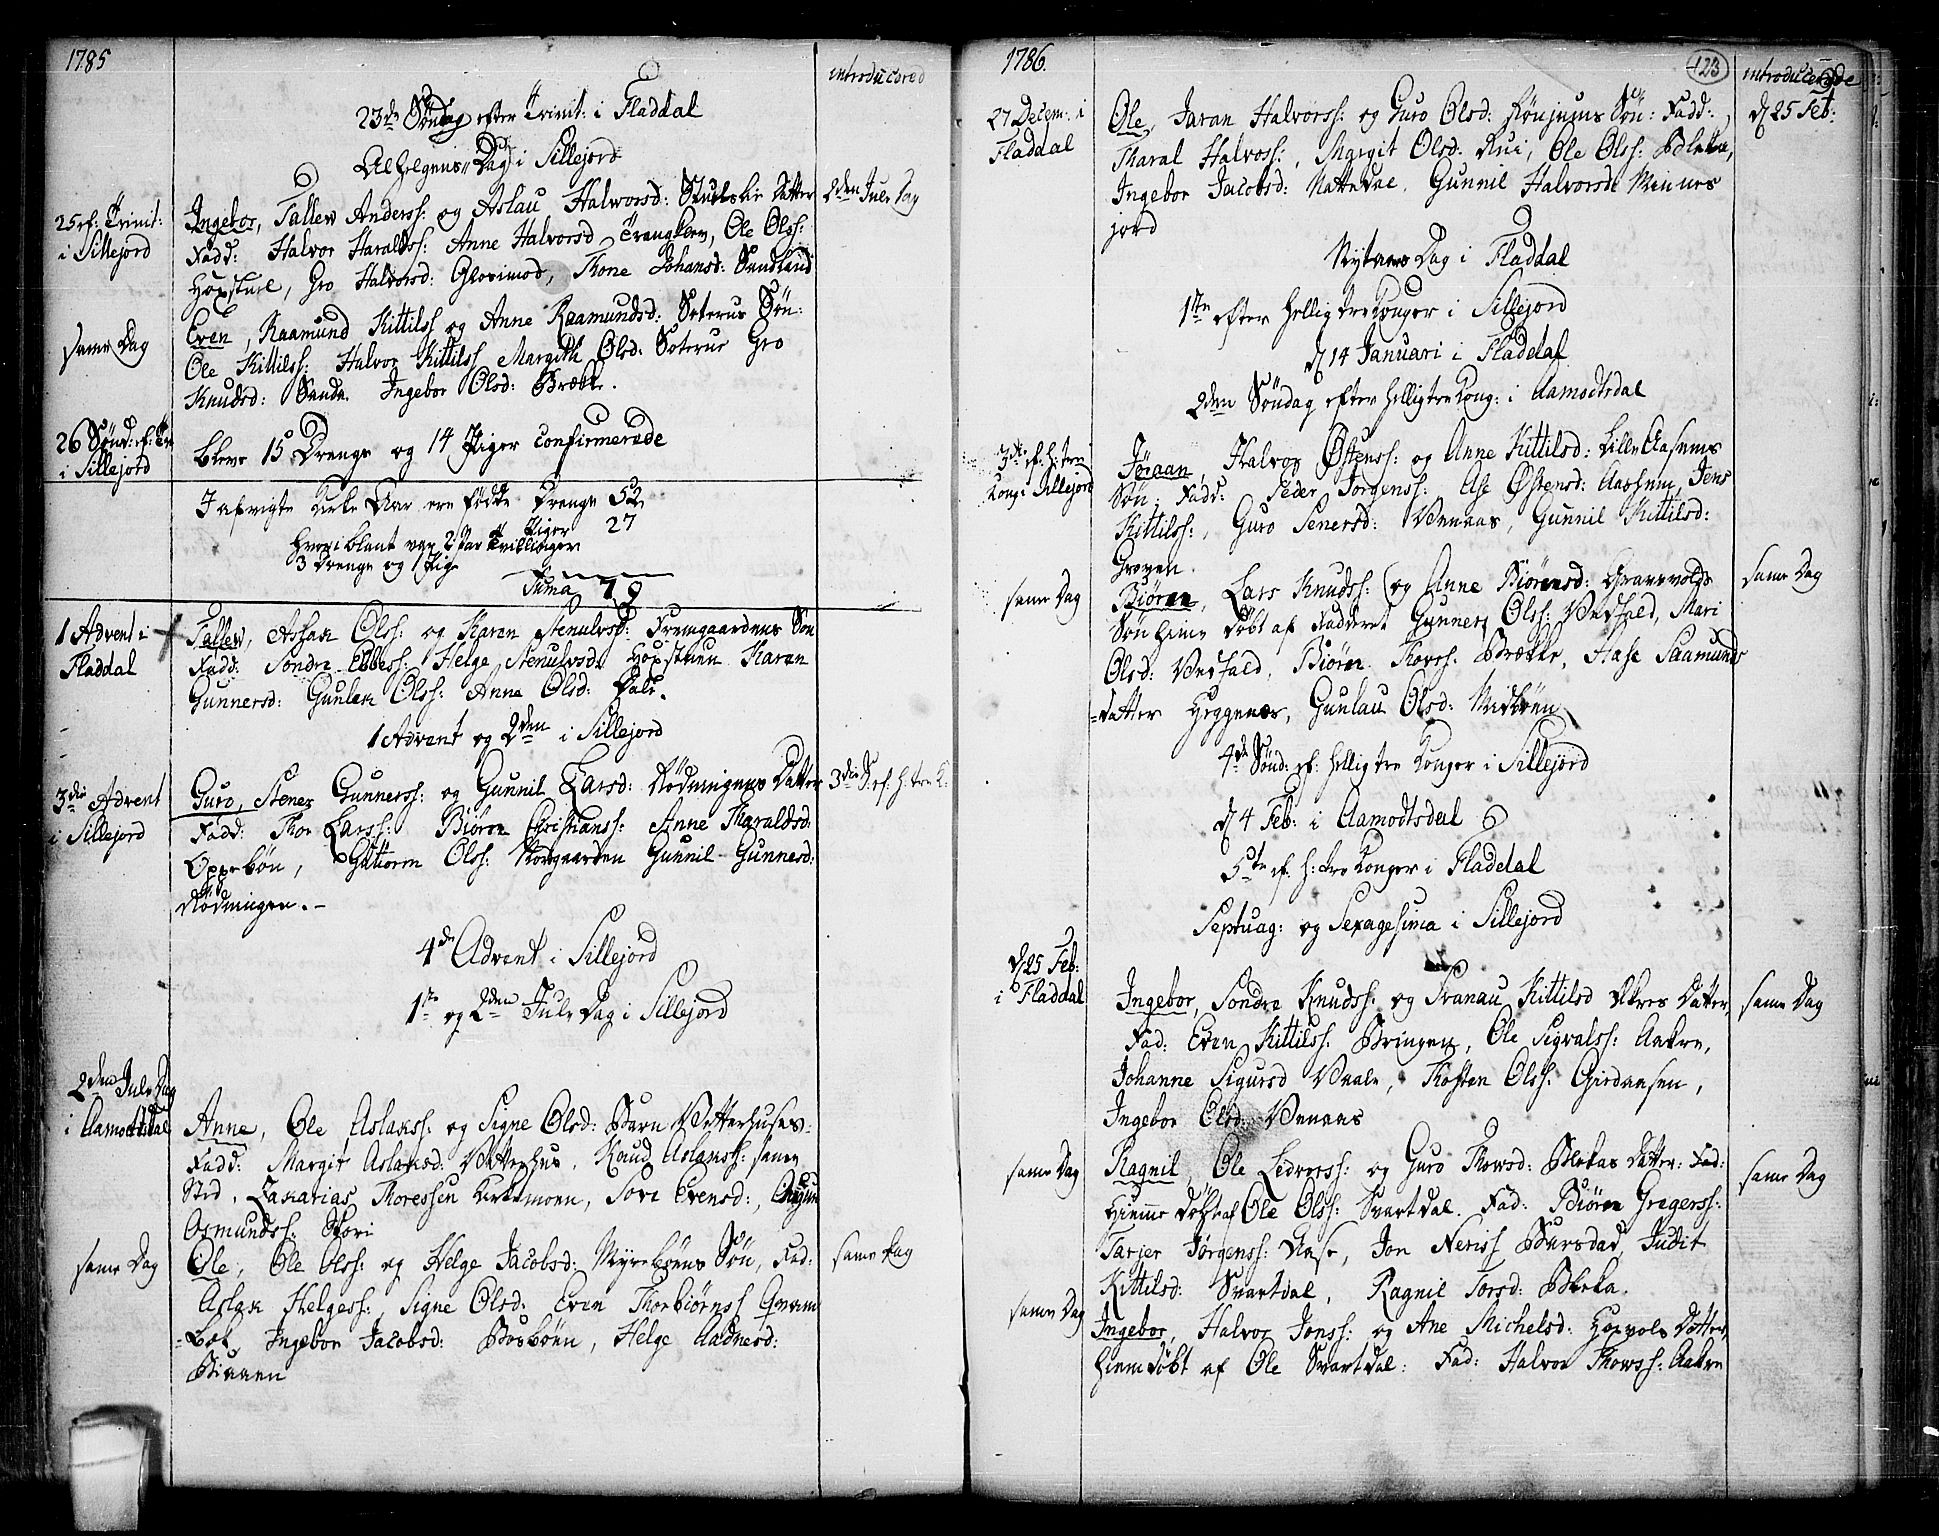 SAKO, Seljord kirkebøker, F/Fa/L0007: Ministerialbok nr. I 7, 1755-1800, s. 123